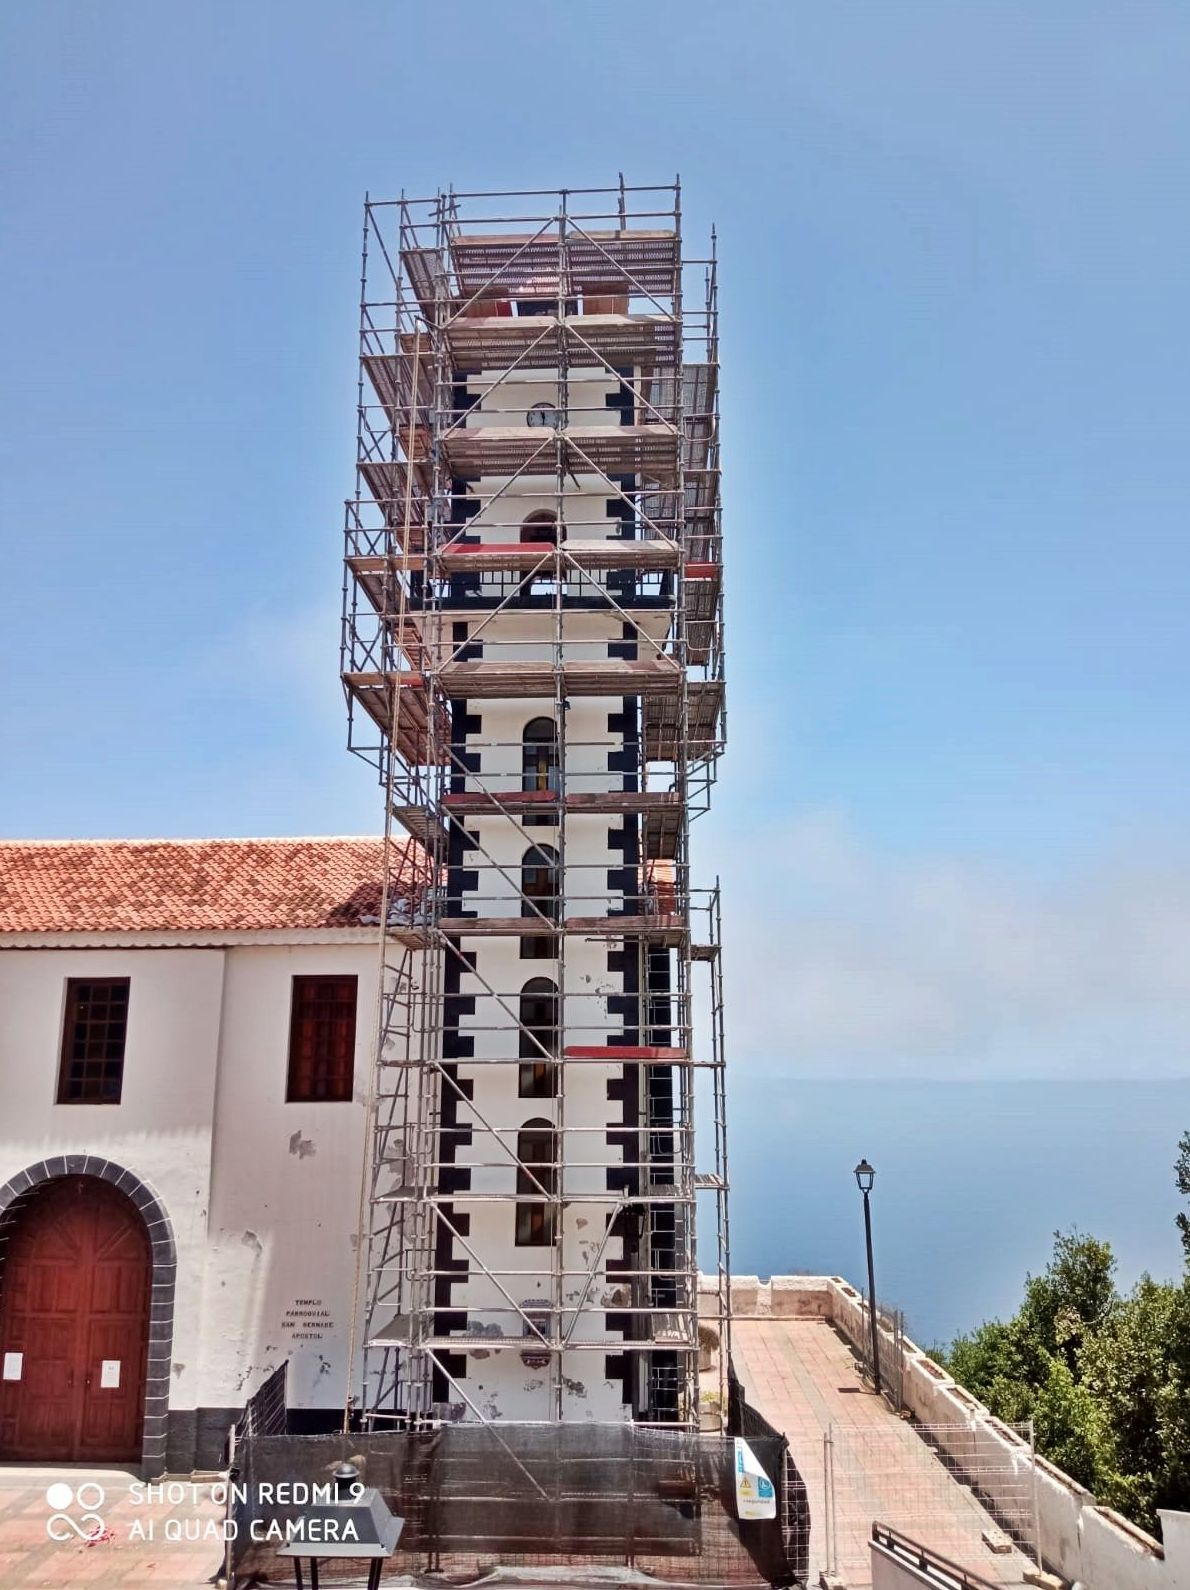 Reformas iglesia de La Vega. 2ª parte.